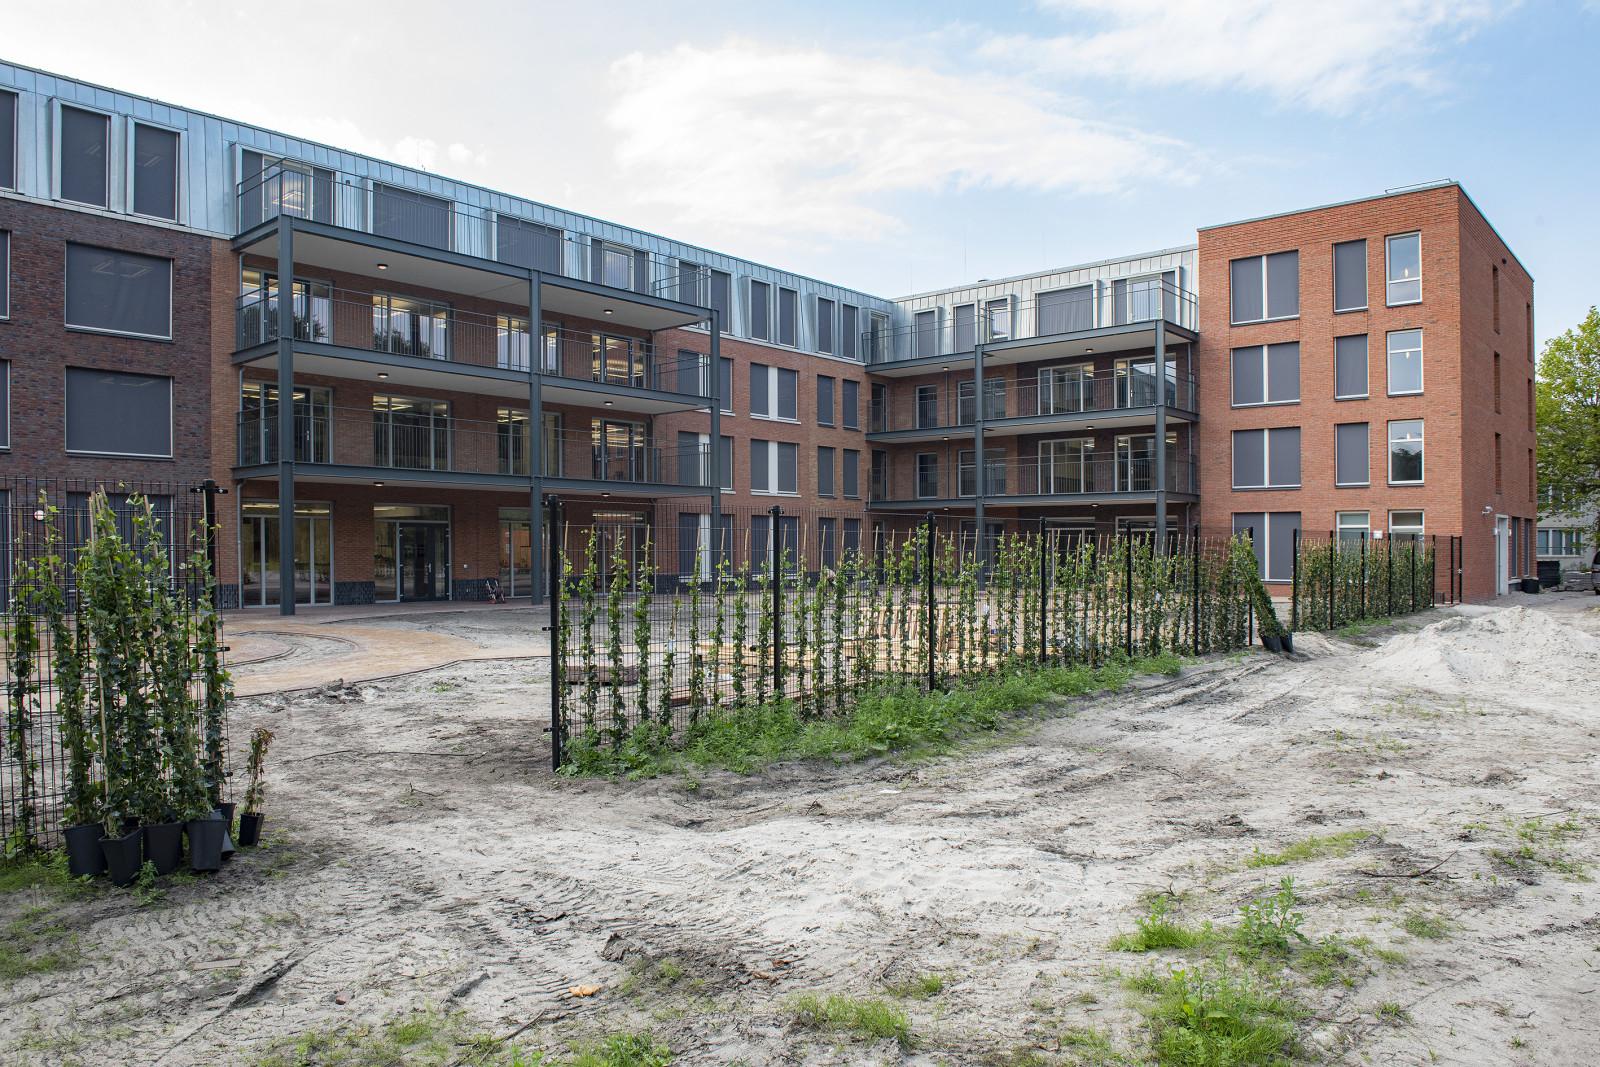 wzh-vliethof-24.jpg